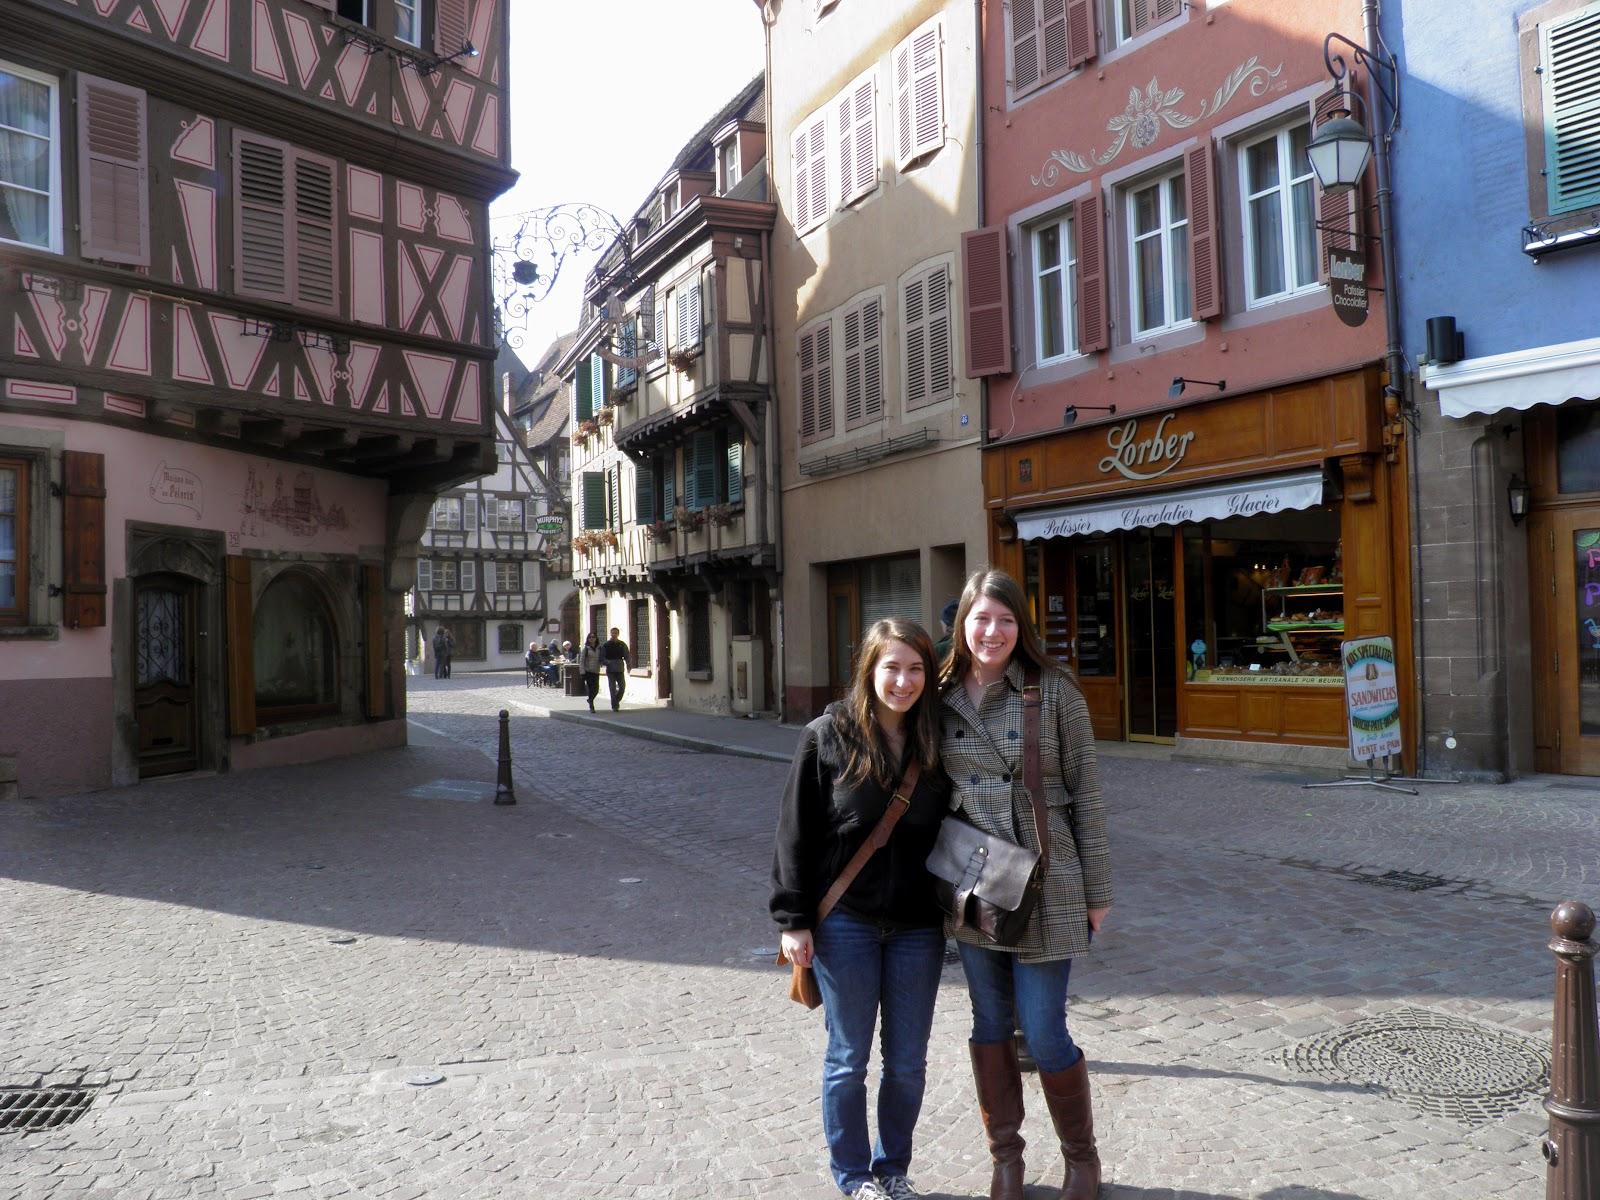 TER Alsace - Horaires de votre itinraire train - Sncf